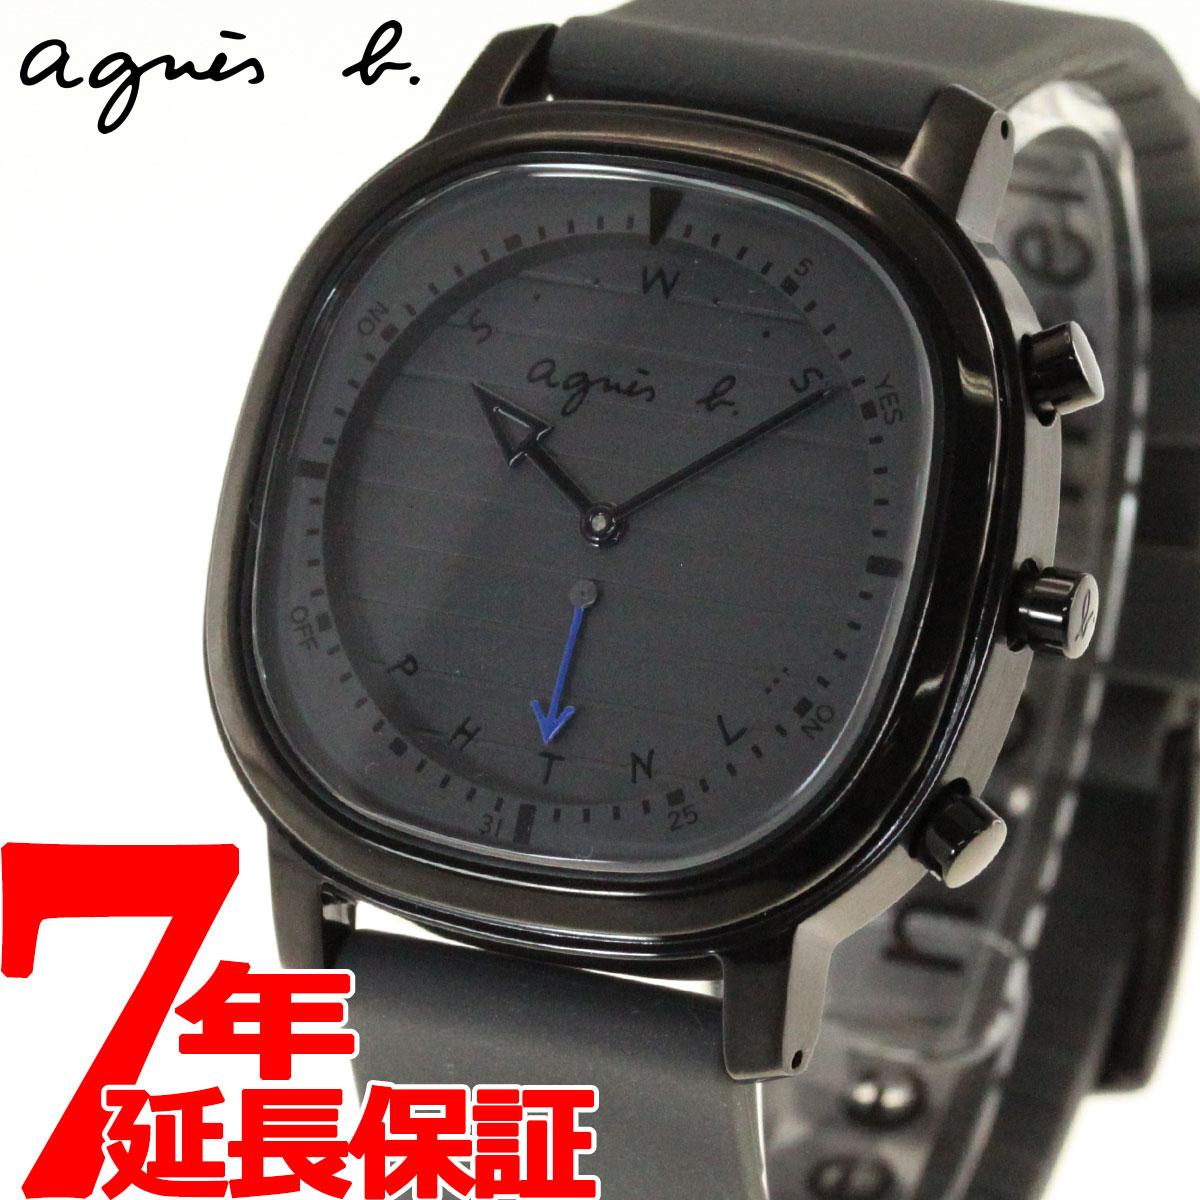 腕時計, メンズ腕時計 2000OFF58.5 Bluetooth agnes b. Bon Voyage FCRB7012020